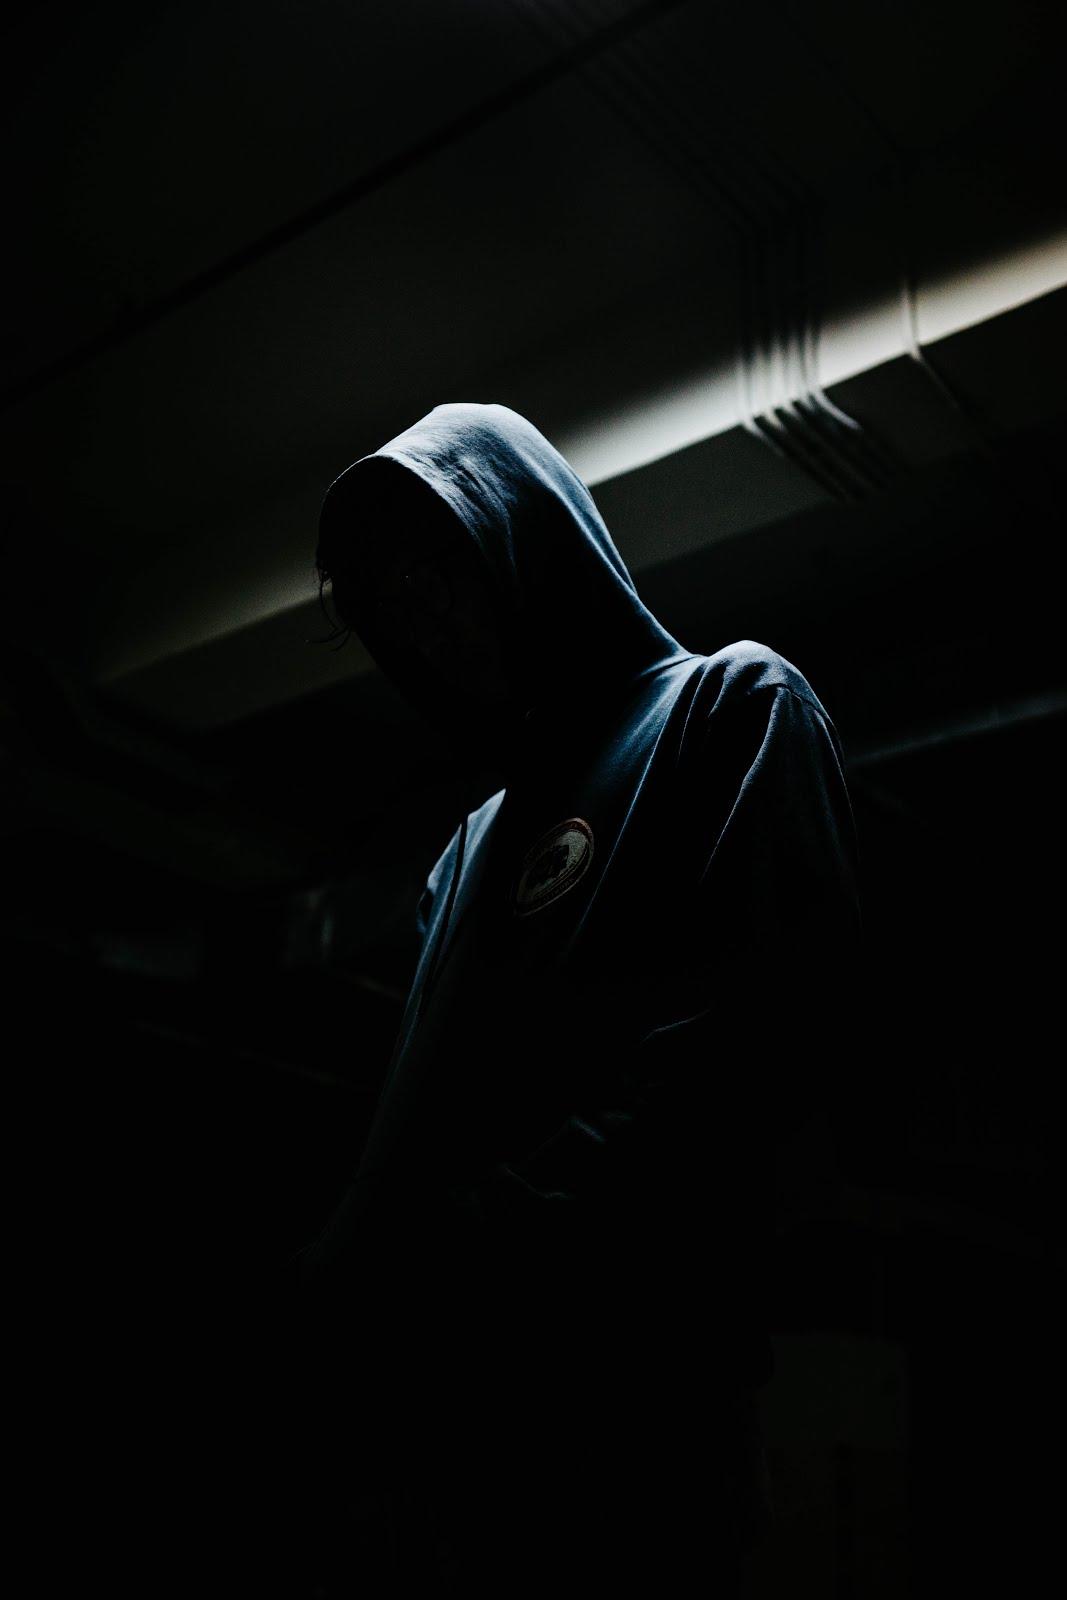 رجل غامض يلبس جاكت ازرق في خلفية سوداء